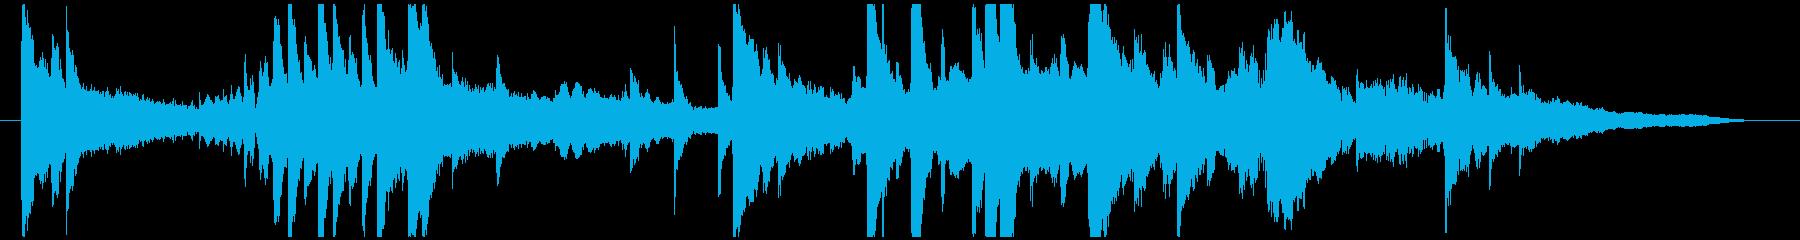 サウンドロゴ・シングル(雨をイメージ)の再生済みの波形